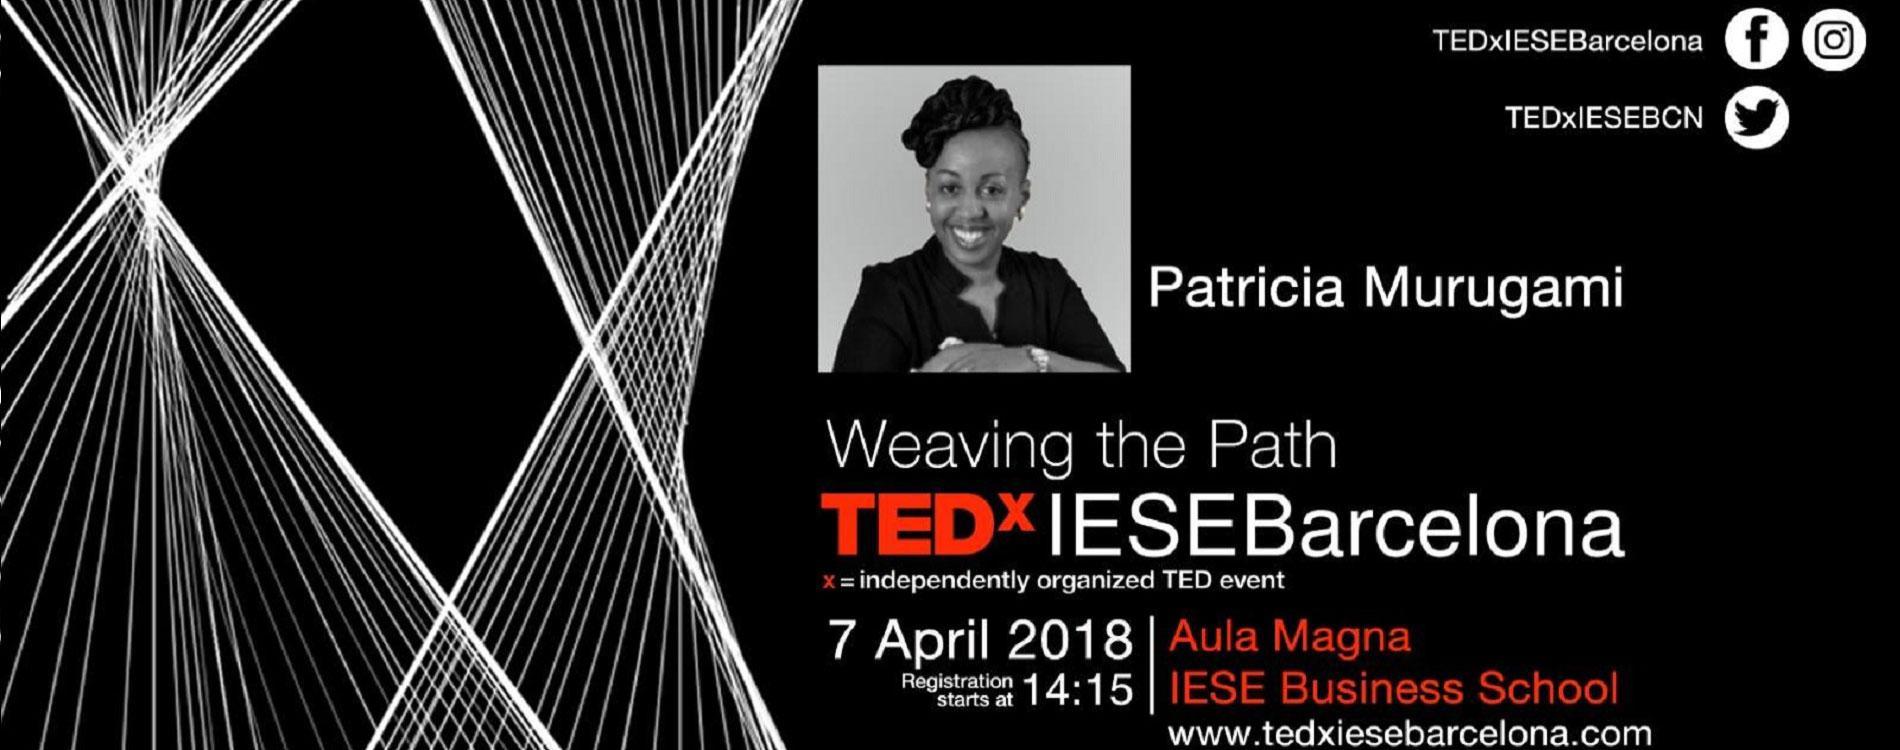 TedX IESE Barcelona